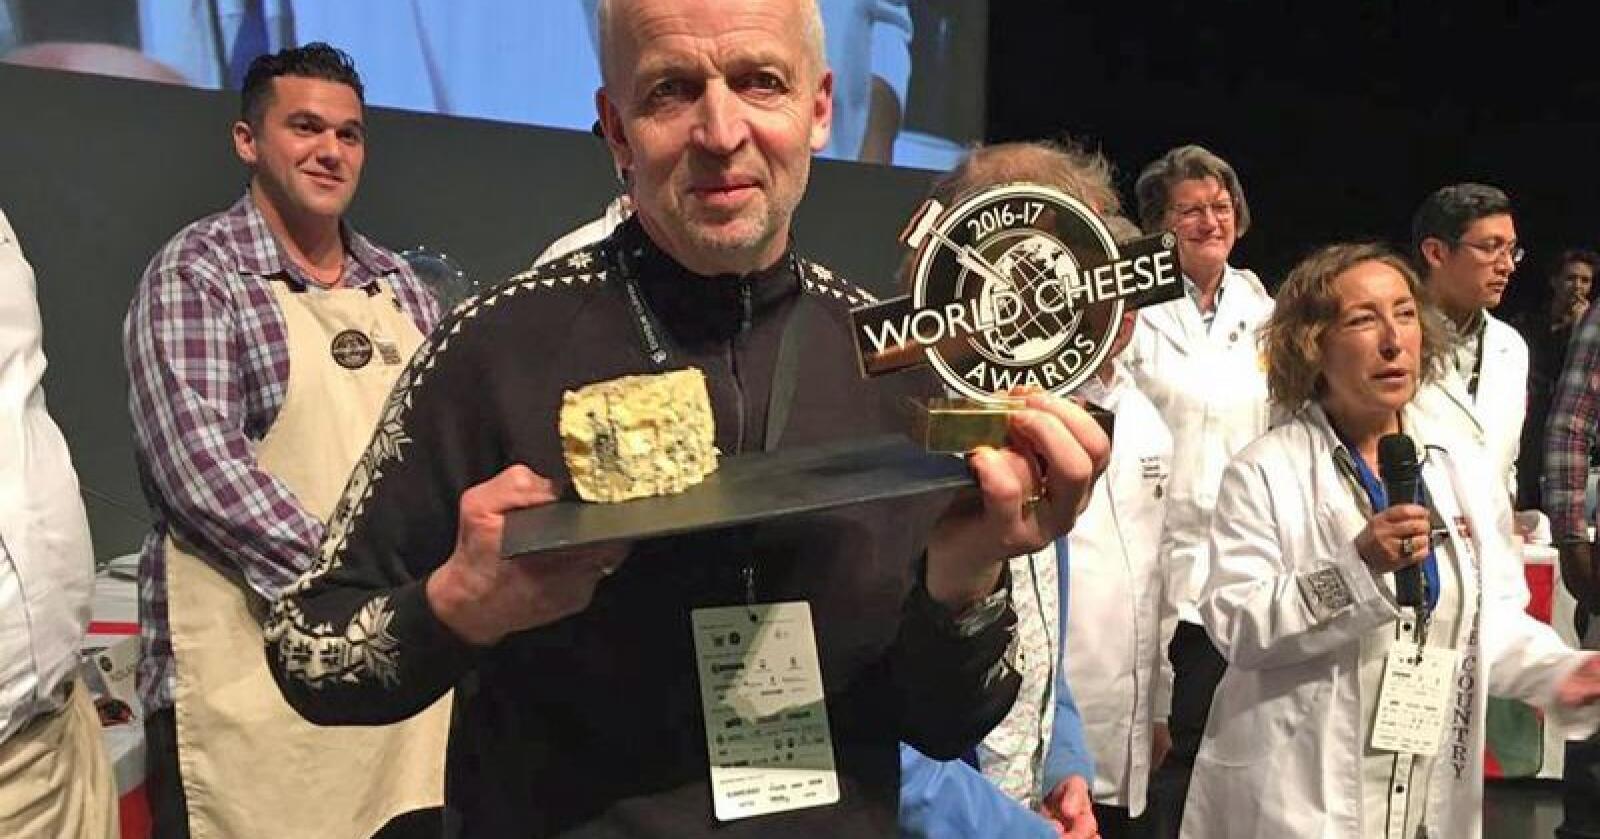 Kraftkar fra Tingvollost ble kåret til verdens beste ost i 2016. Det lille meieriet i Møre og Romsdal er helt avhengige av Tines distribusjon for få den ettertrakta osten ut til håndplukka butikker i hele landet. Foto: Privat.